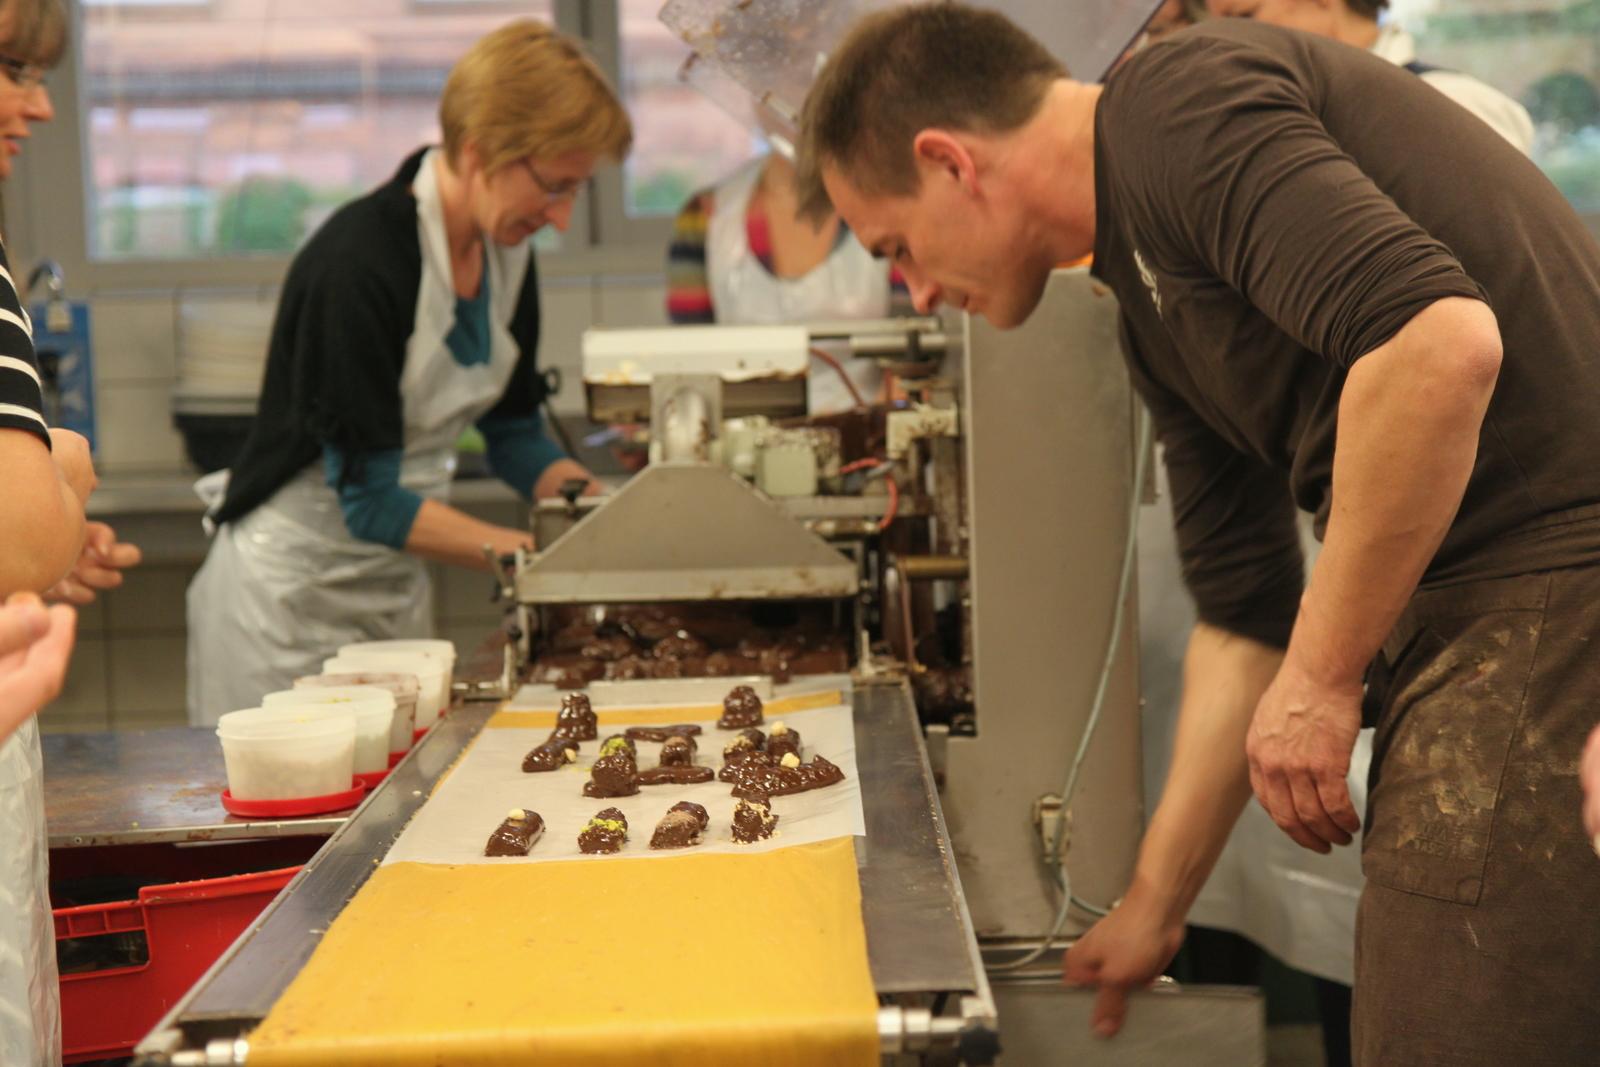 Og så skal konfekten overtrækkes med chokolade. Mange af flødebollerne led under chokoladevandfaldet, og faldt sammen, men det smagte de ikke værre af :)